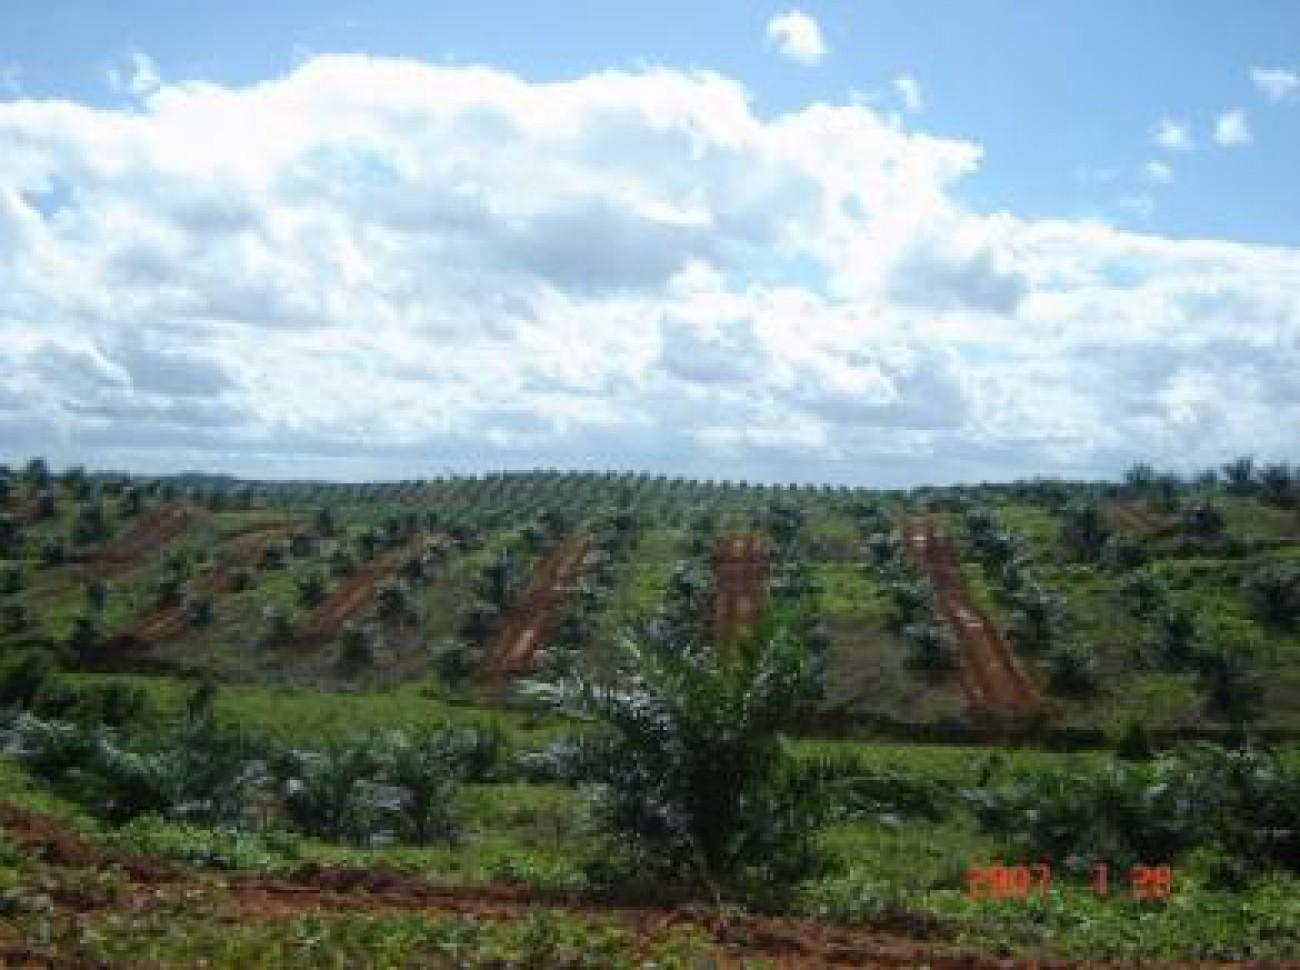 BRI Salurkan Rp 26 Triliun di Sektor Perkebunan